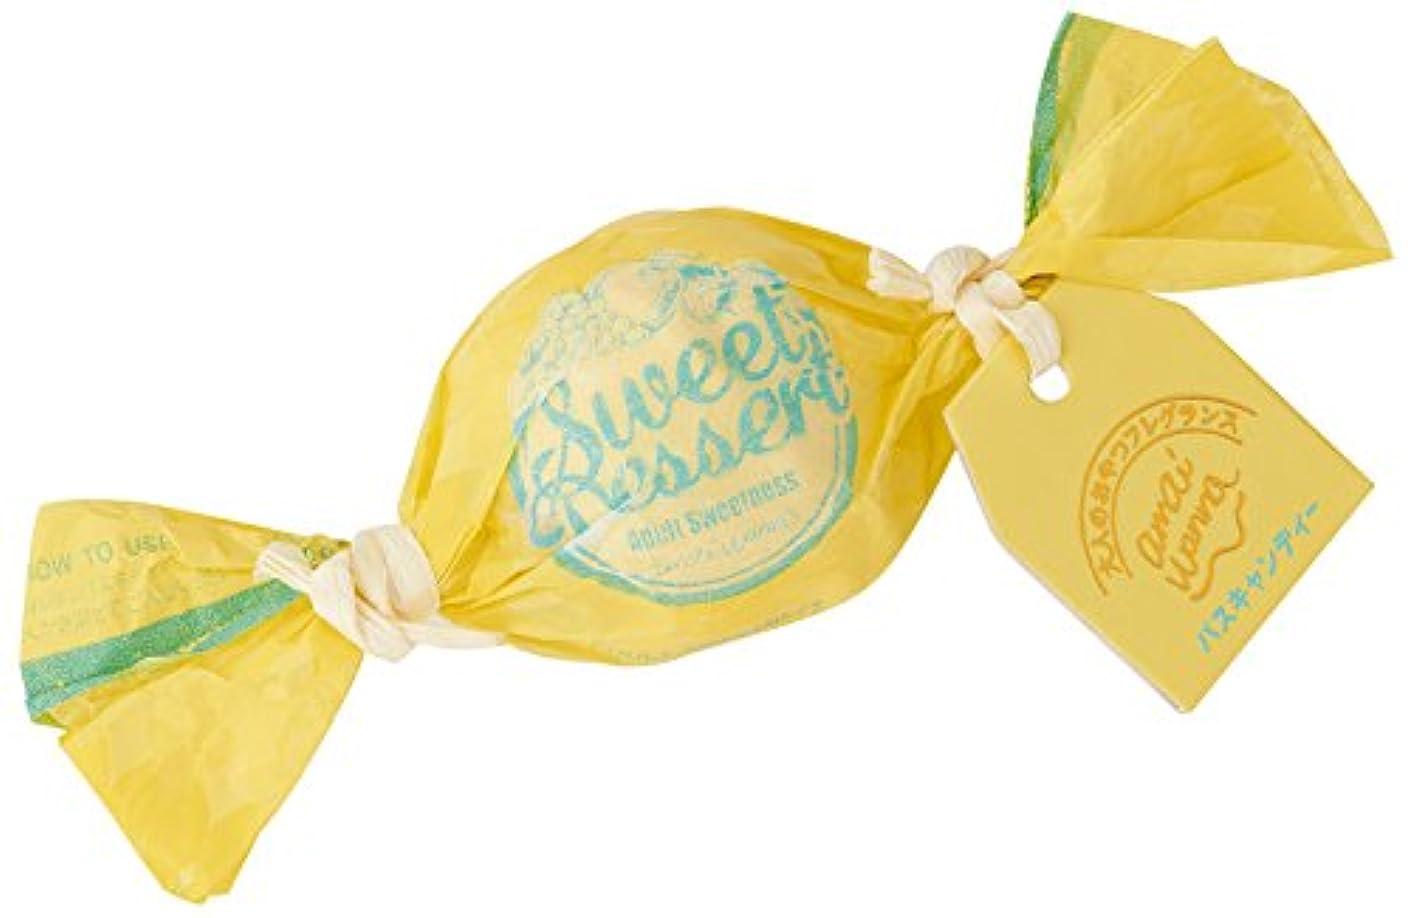 糸悲鳴サンダルアマイワナ バスキャンディー35g×12粒 大人の甘美デザート(発泡タイプ入浴料 フローラルと果実の香り)